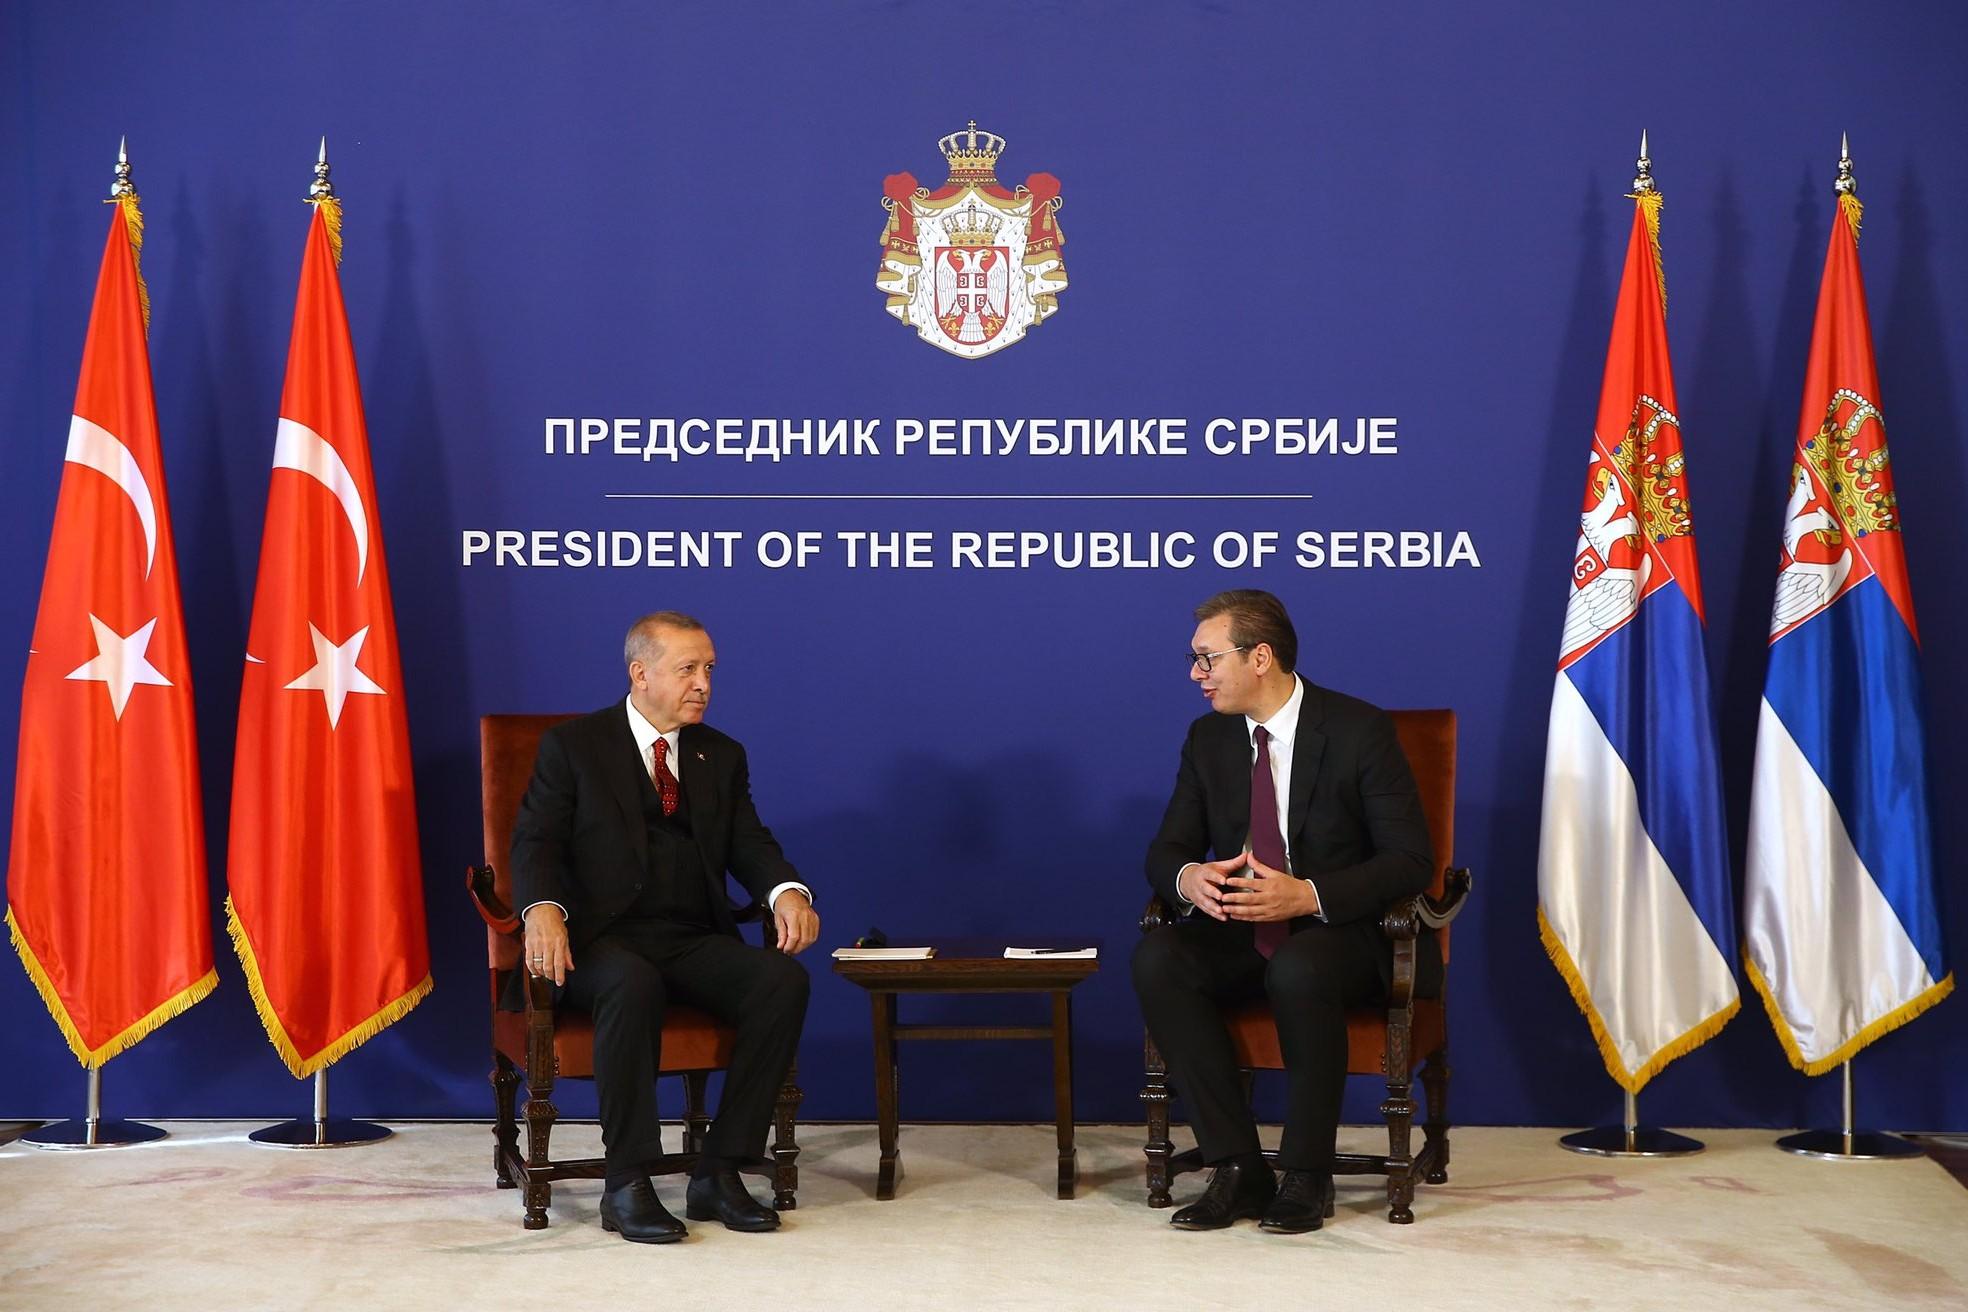 Predsednik Turske Redžep Tajip Erdogan i predsednik Srbije Aleksandar Vučić razgovaraju tokom sastanka u Beogradu, 07. oktobar 2019. (Foto: Tviter)